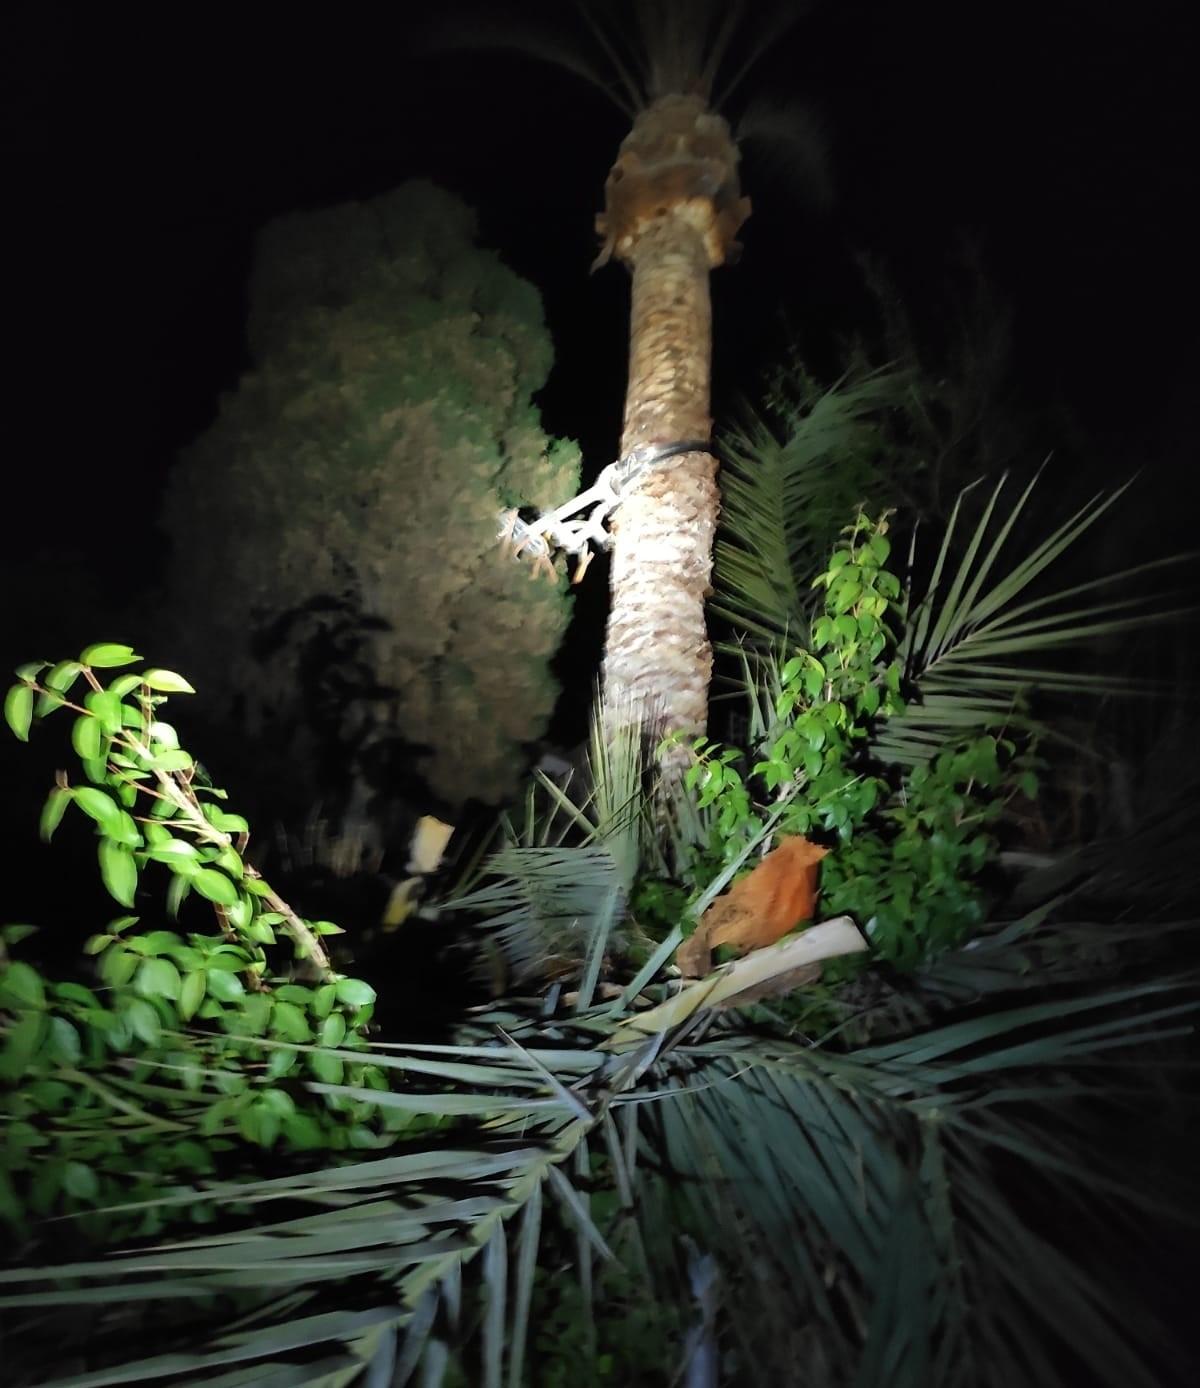 Rescatado tras quedar colgado boca abajo a seis metros de altura cuando limpiaba una palmera